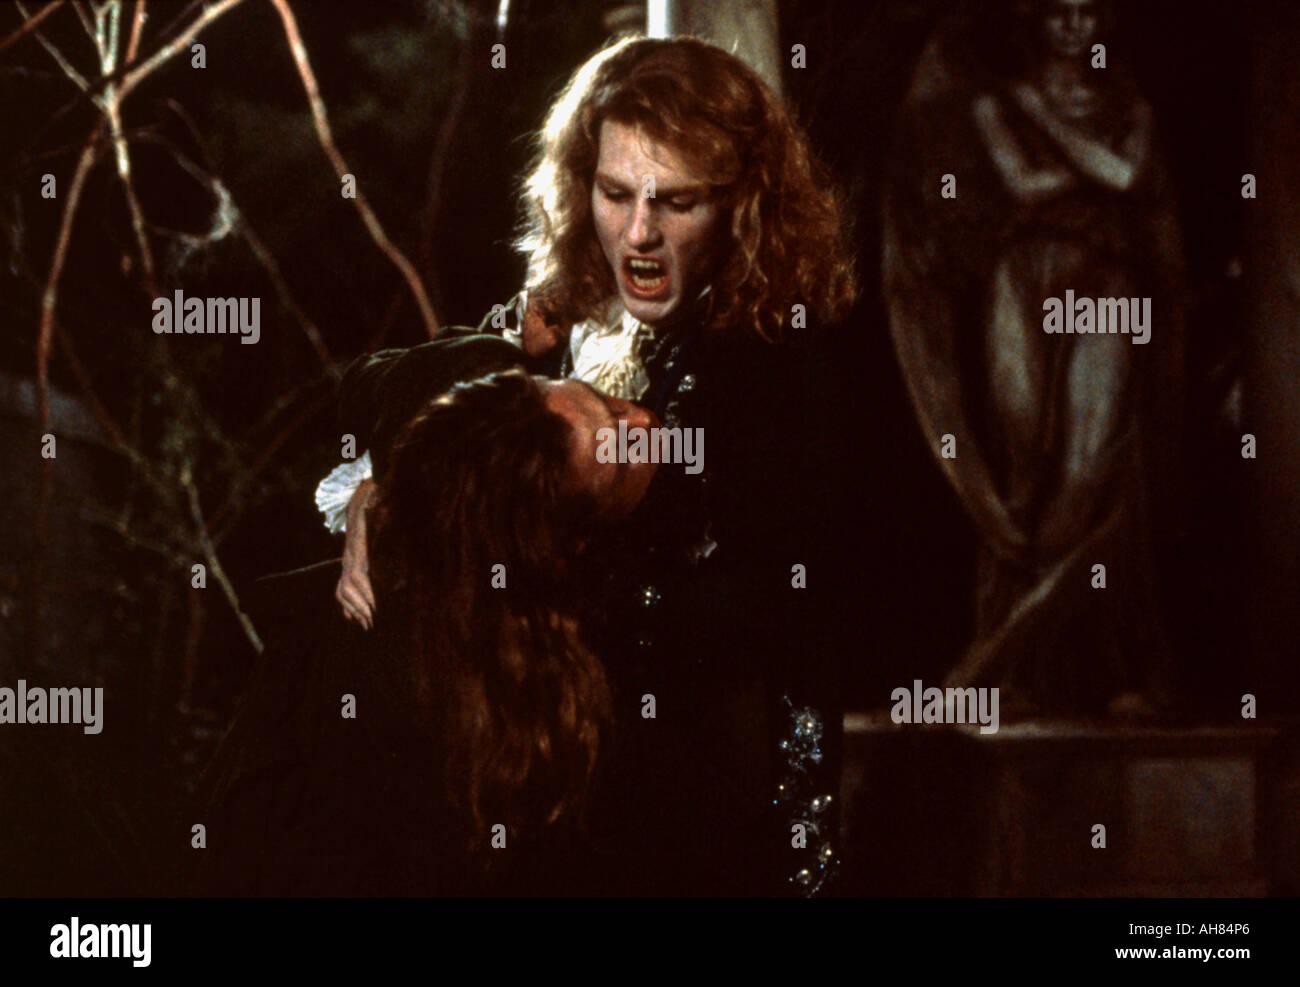 Intervista con il vampiro 1994 Warner film con Tom Cruise Immagini Stock